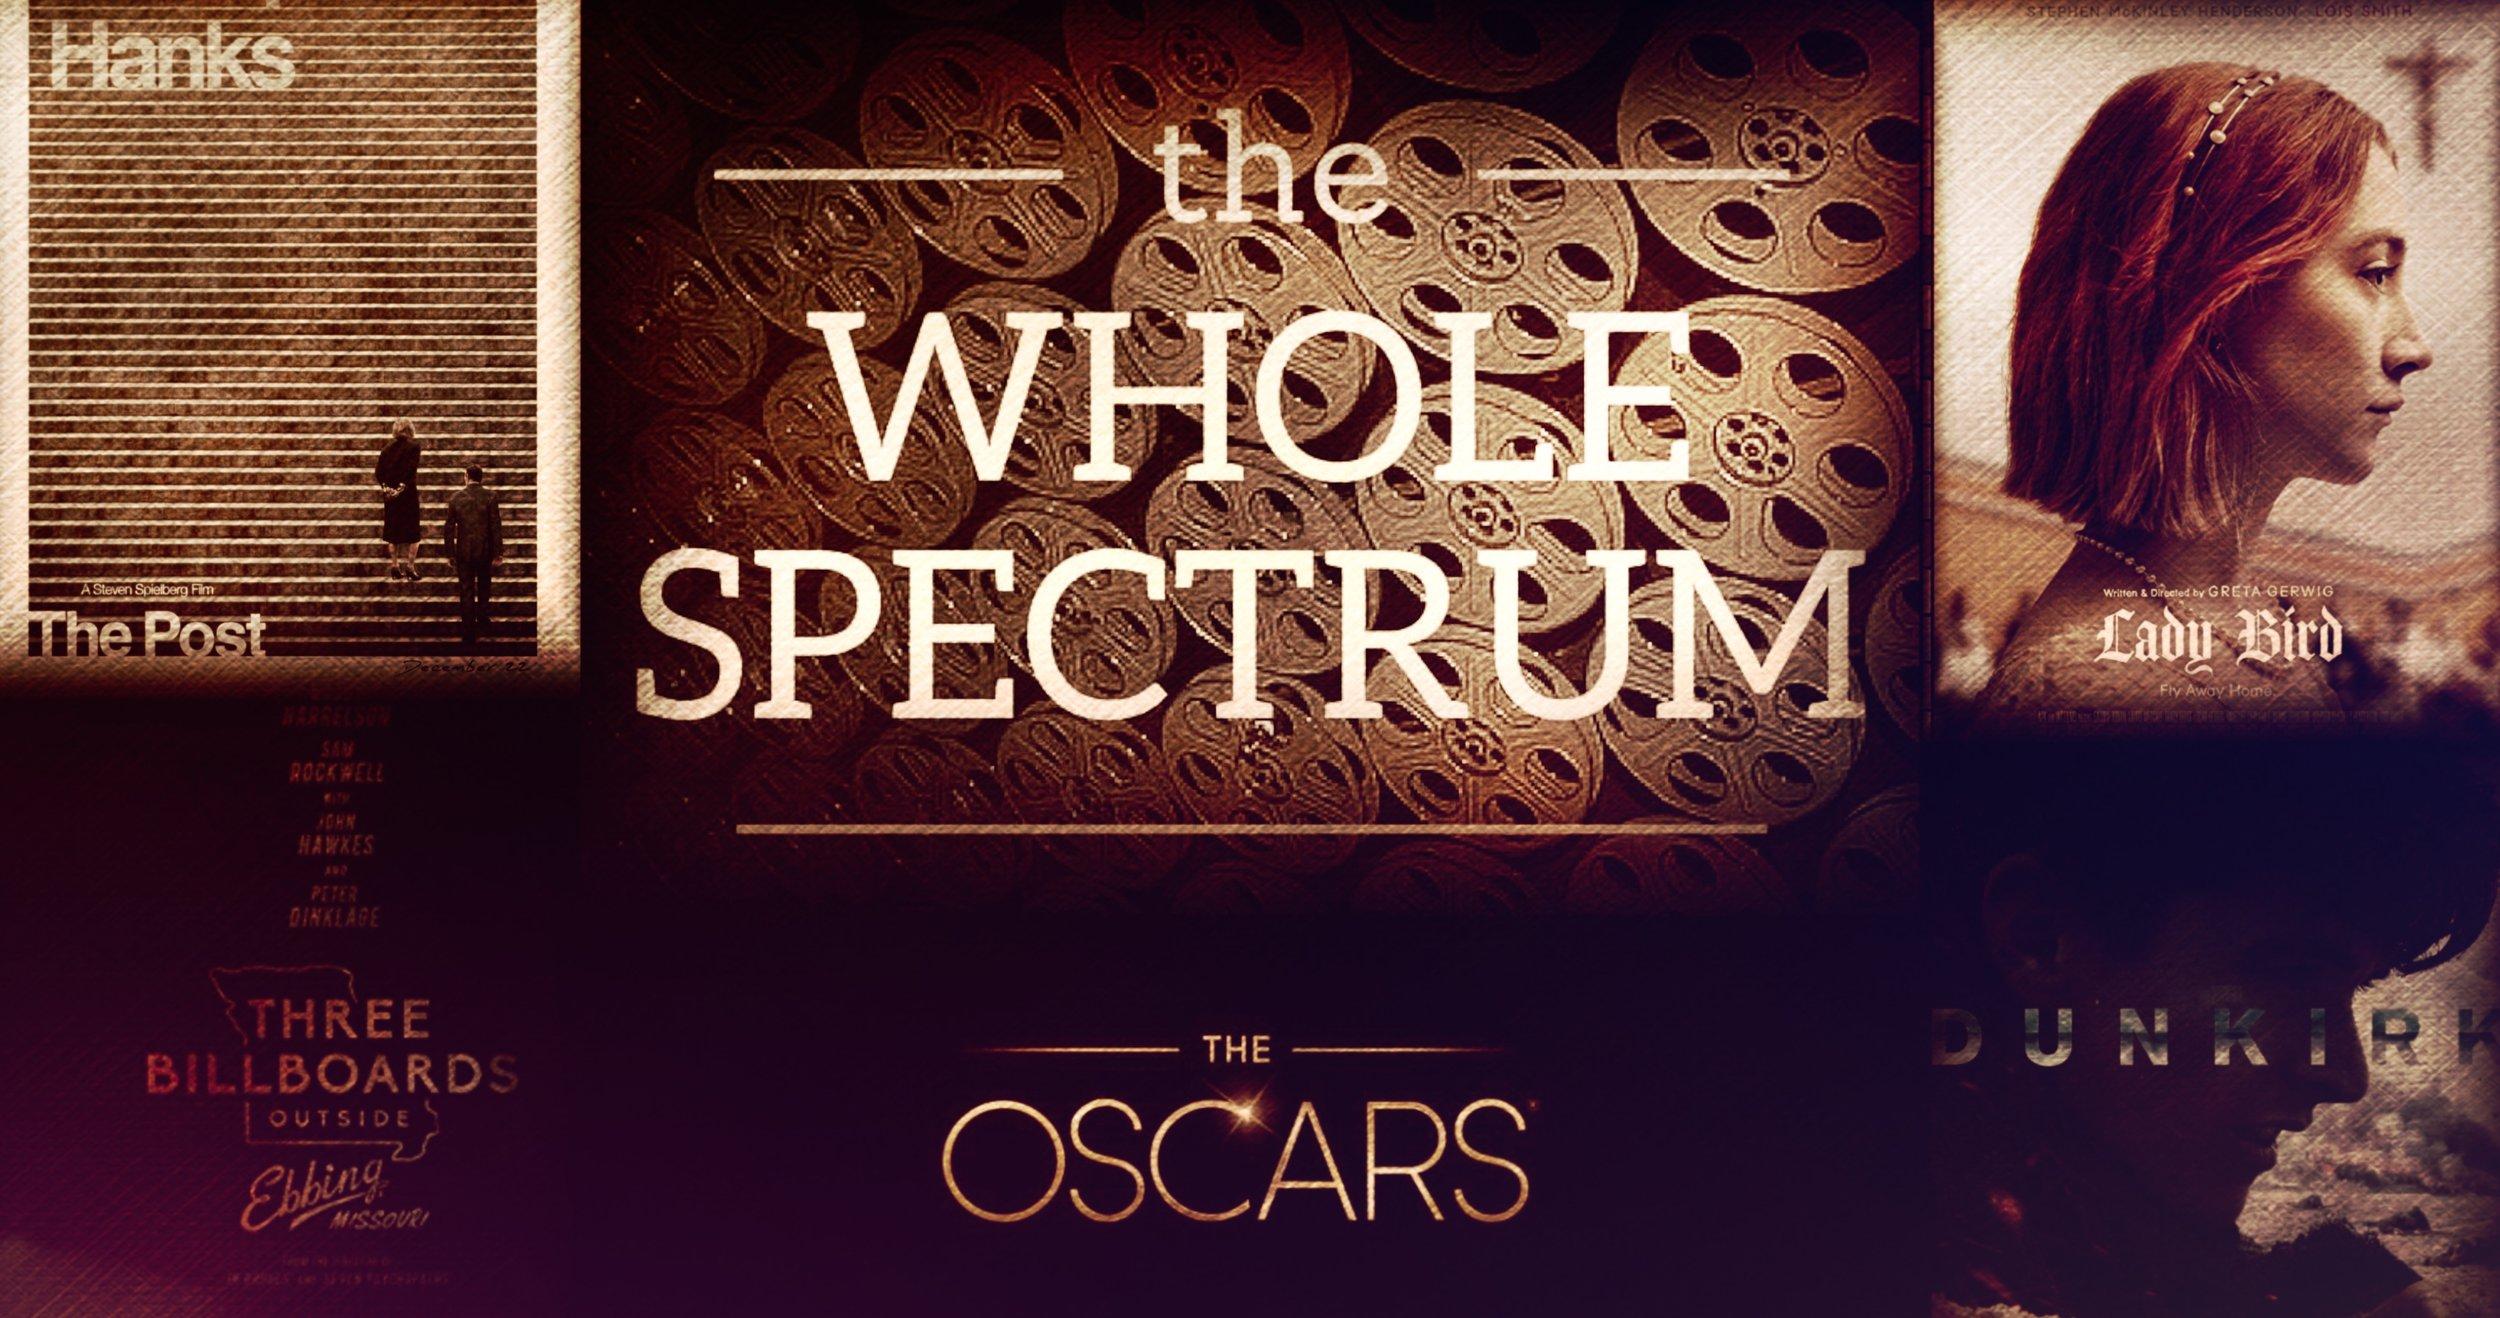 TWS at the Oscars.jpg